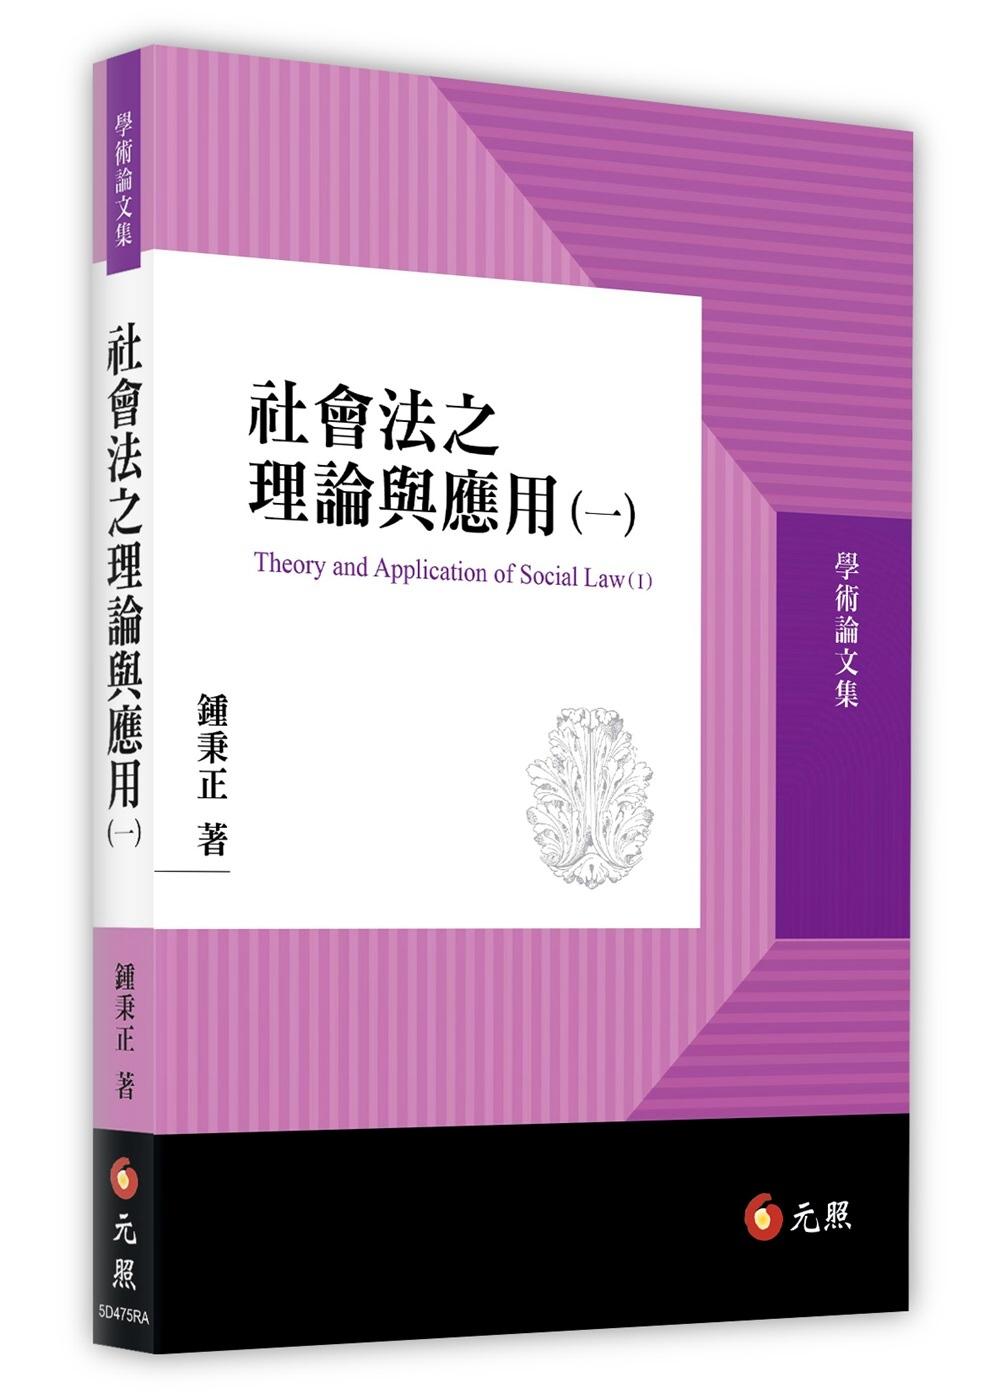 社會法之理論與應用(一)